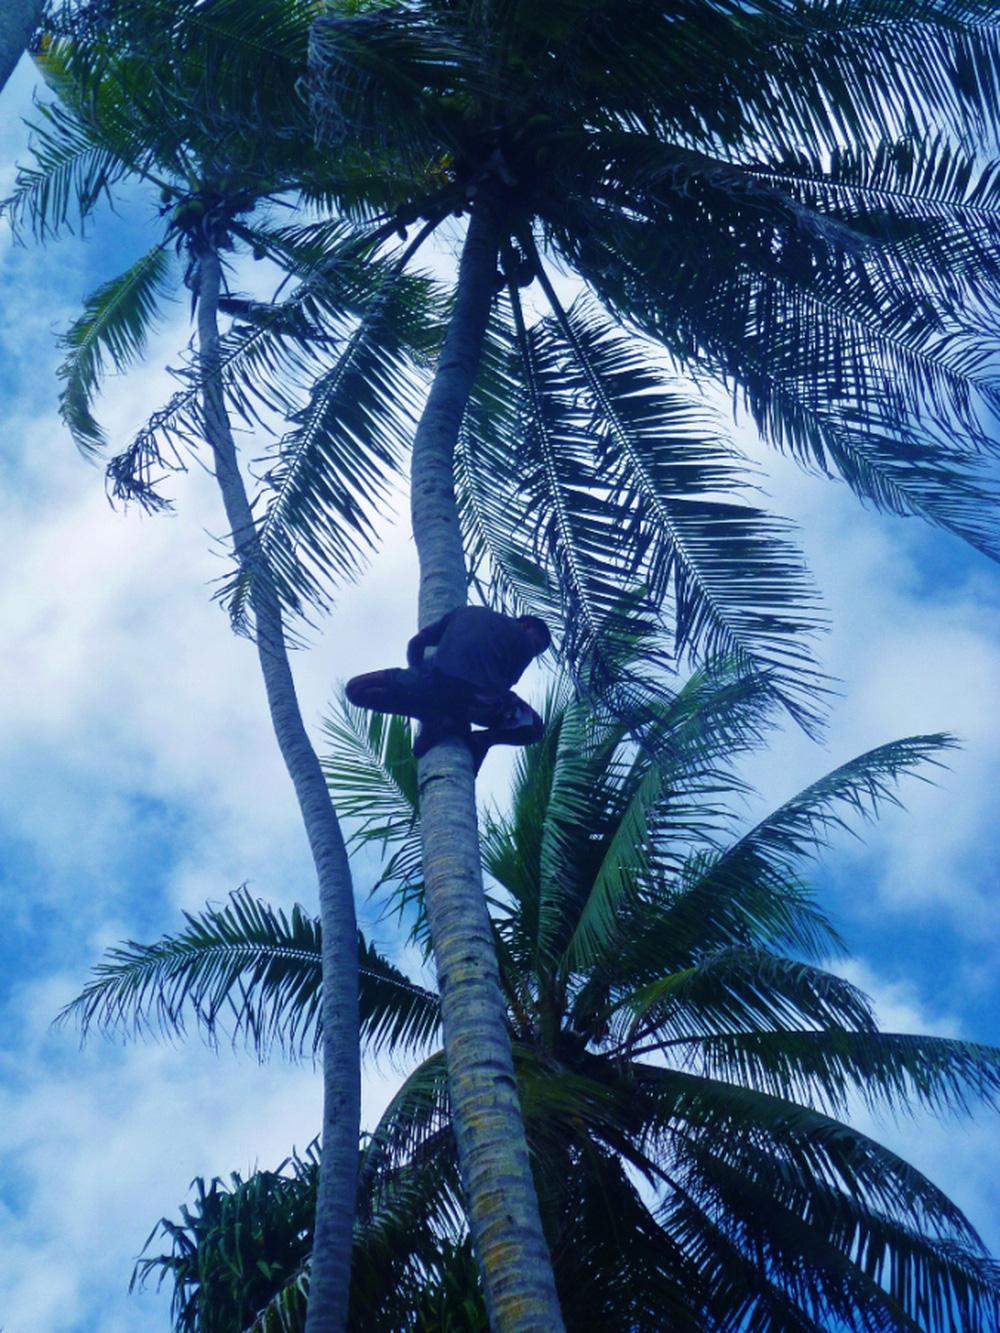 Đêm mưa, gia đình sợ hãi nghe tiếng trẻ con cười từ thân cây dừa nên mời thầy trừ tà rồi ngỡ ngàng khi biết nguyên nhân - Ảnh 1.